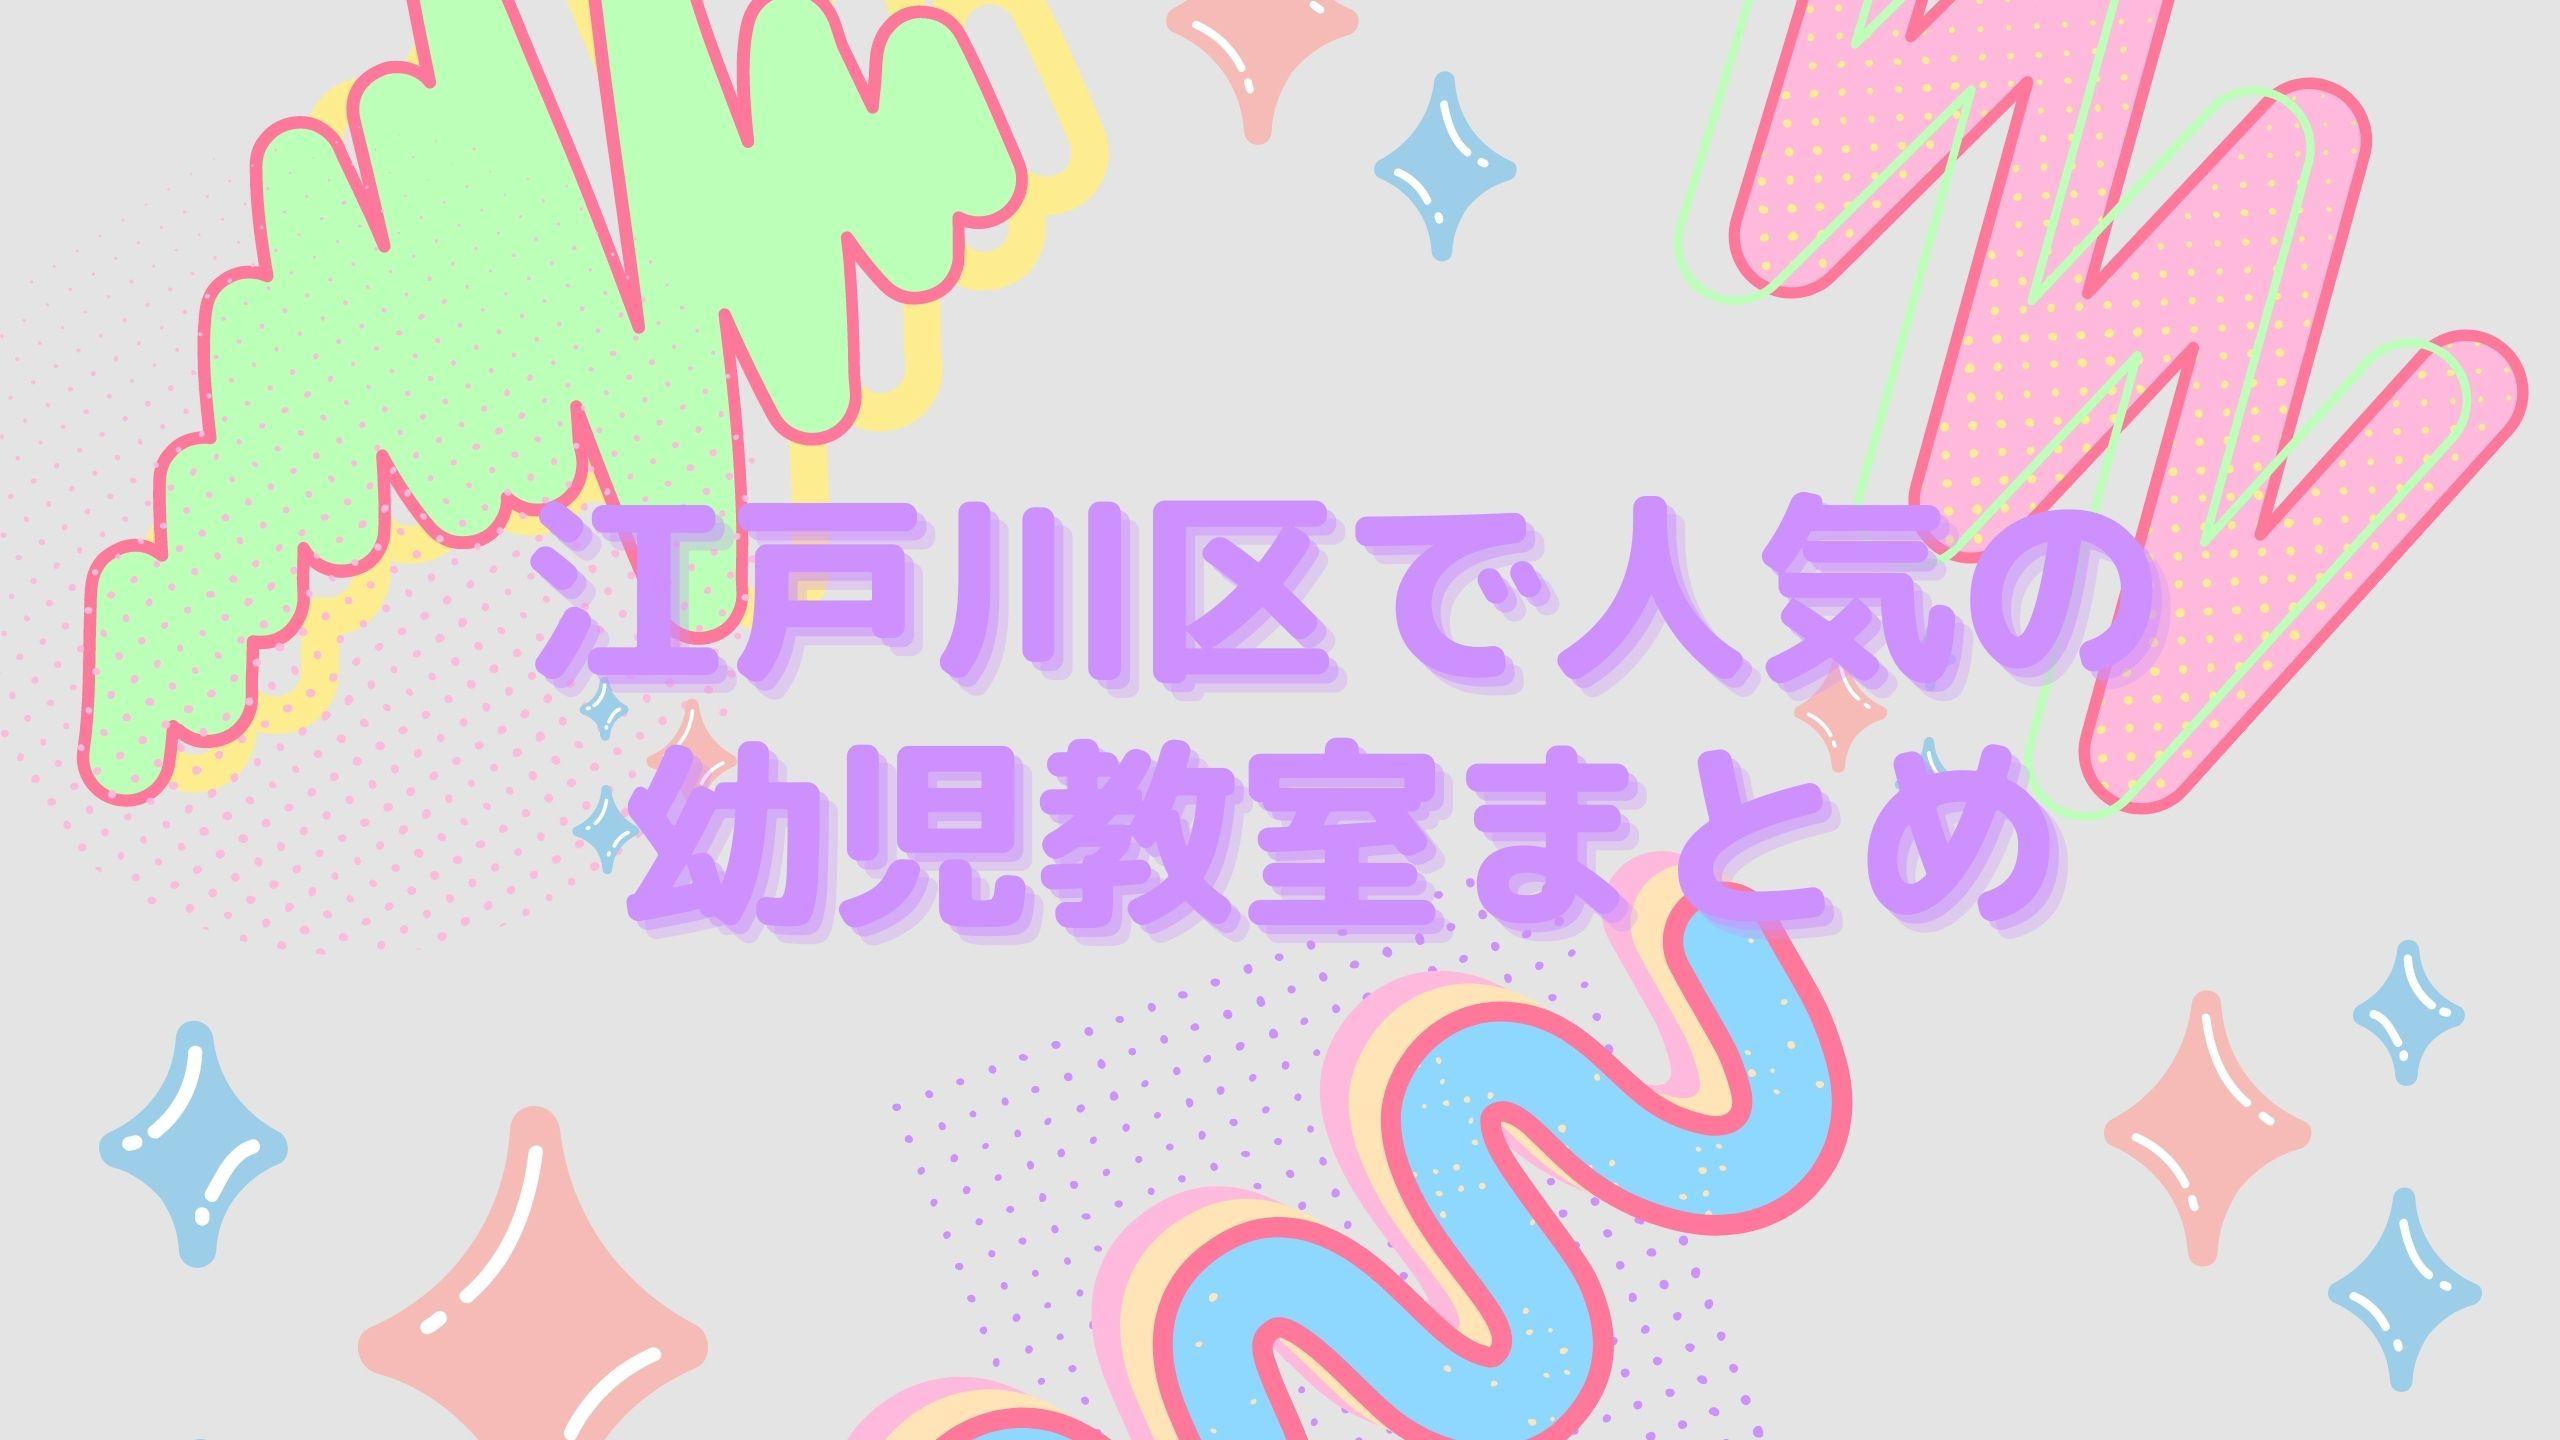 江戸川区でおすすめの幼児教室は?口コミ評判が良いスクールで学ぼう